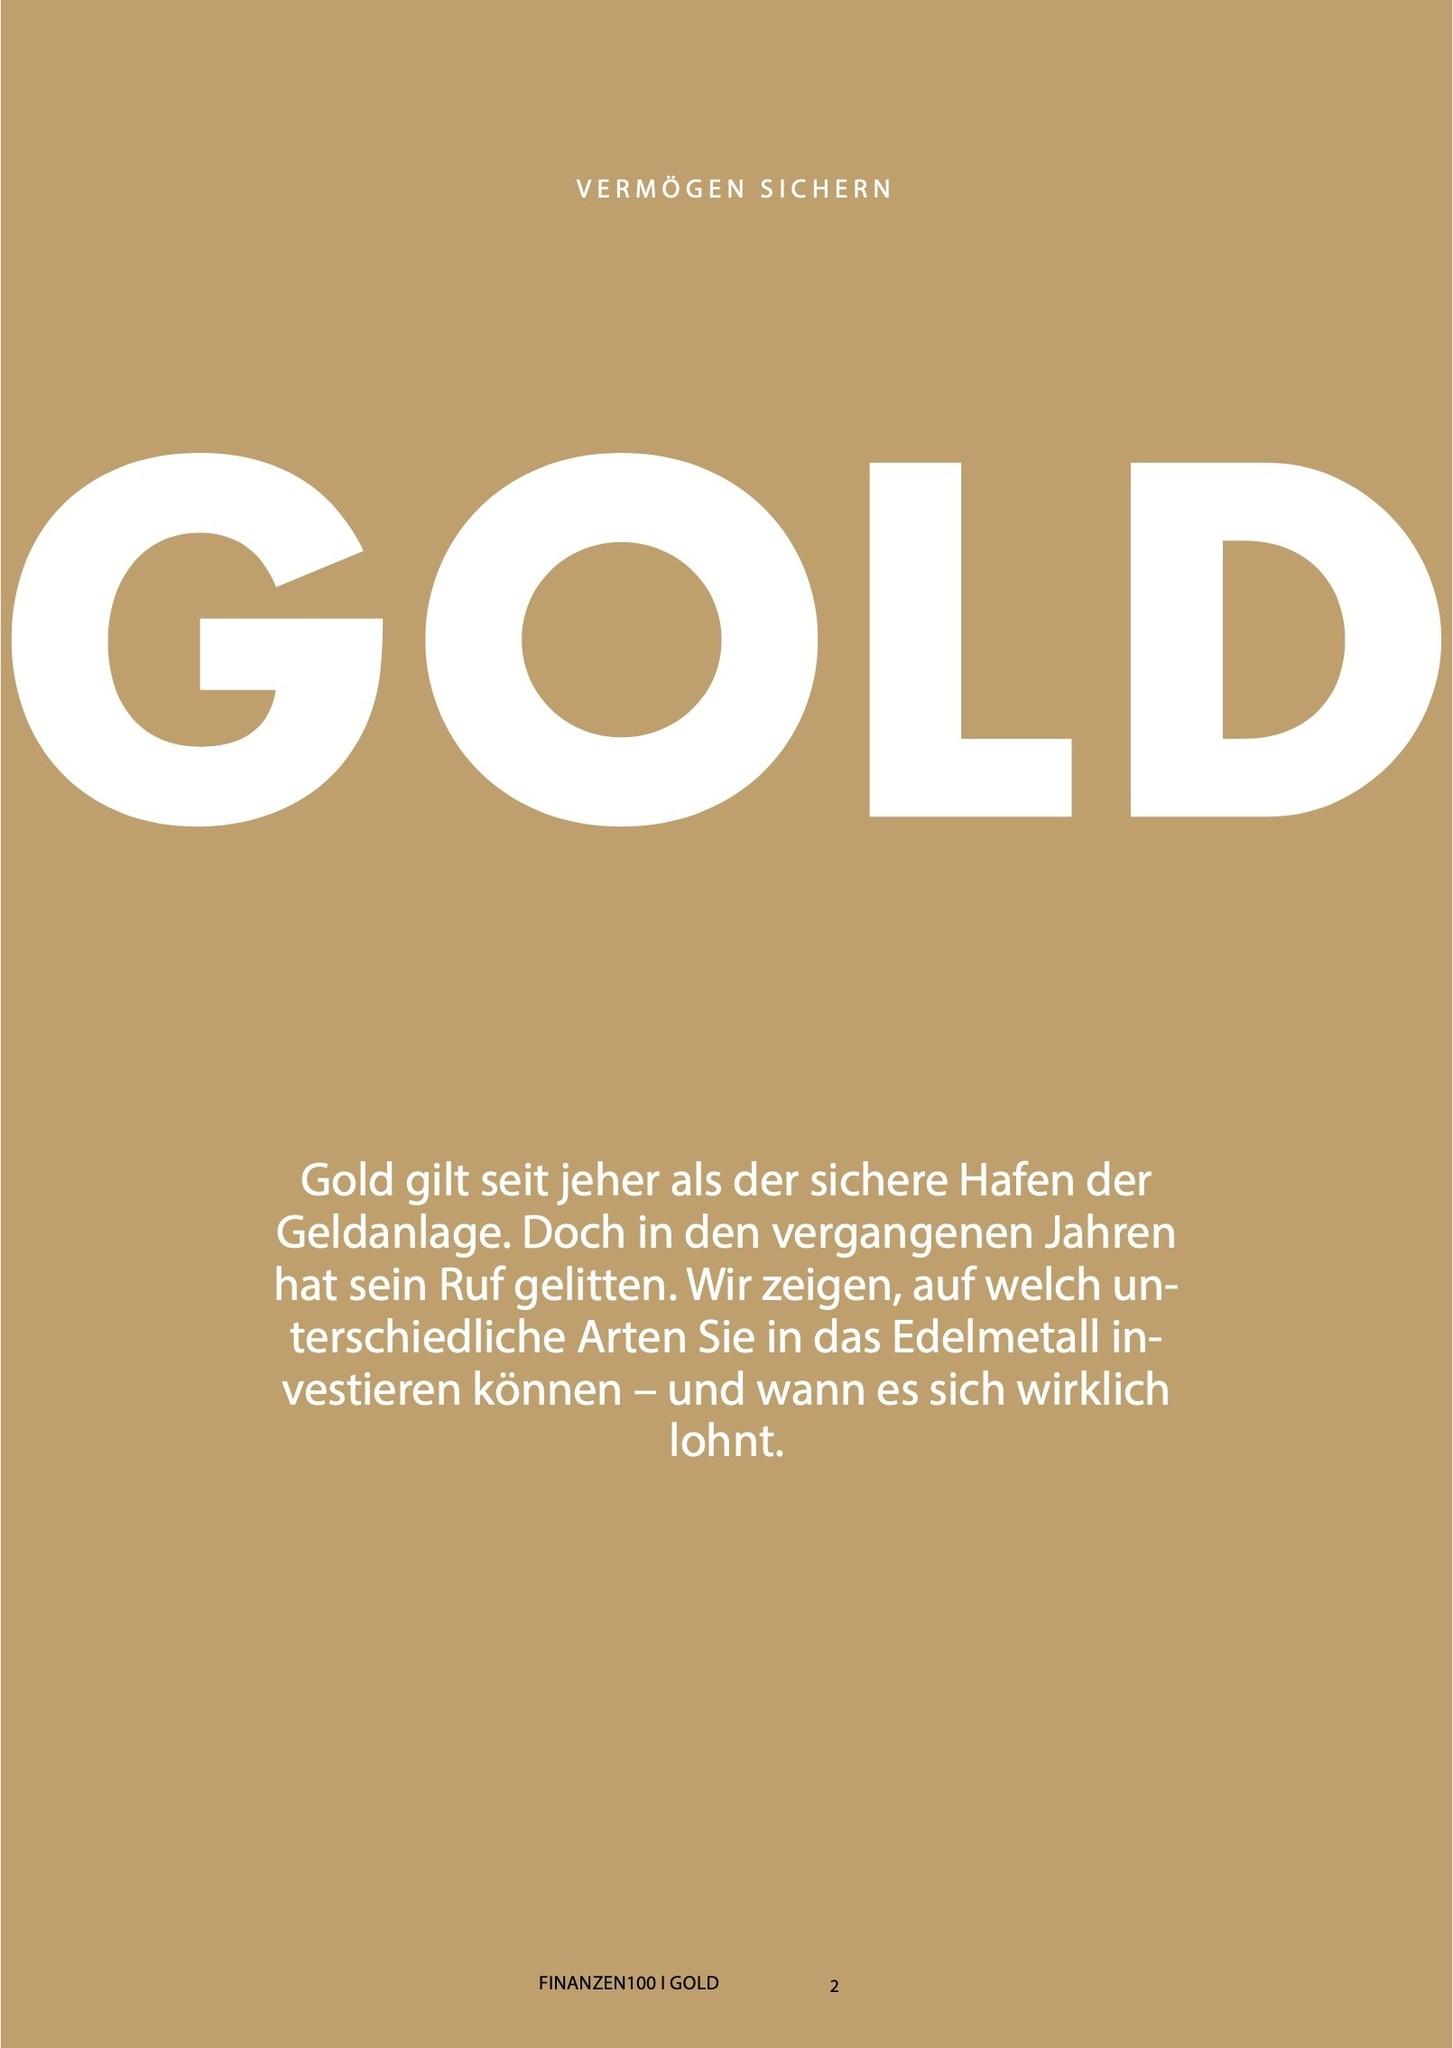 Finanzen100 Bestes Mittel gegen Krisen: So sichern Sie Ihr Vermögen mit Gold